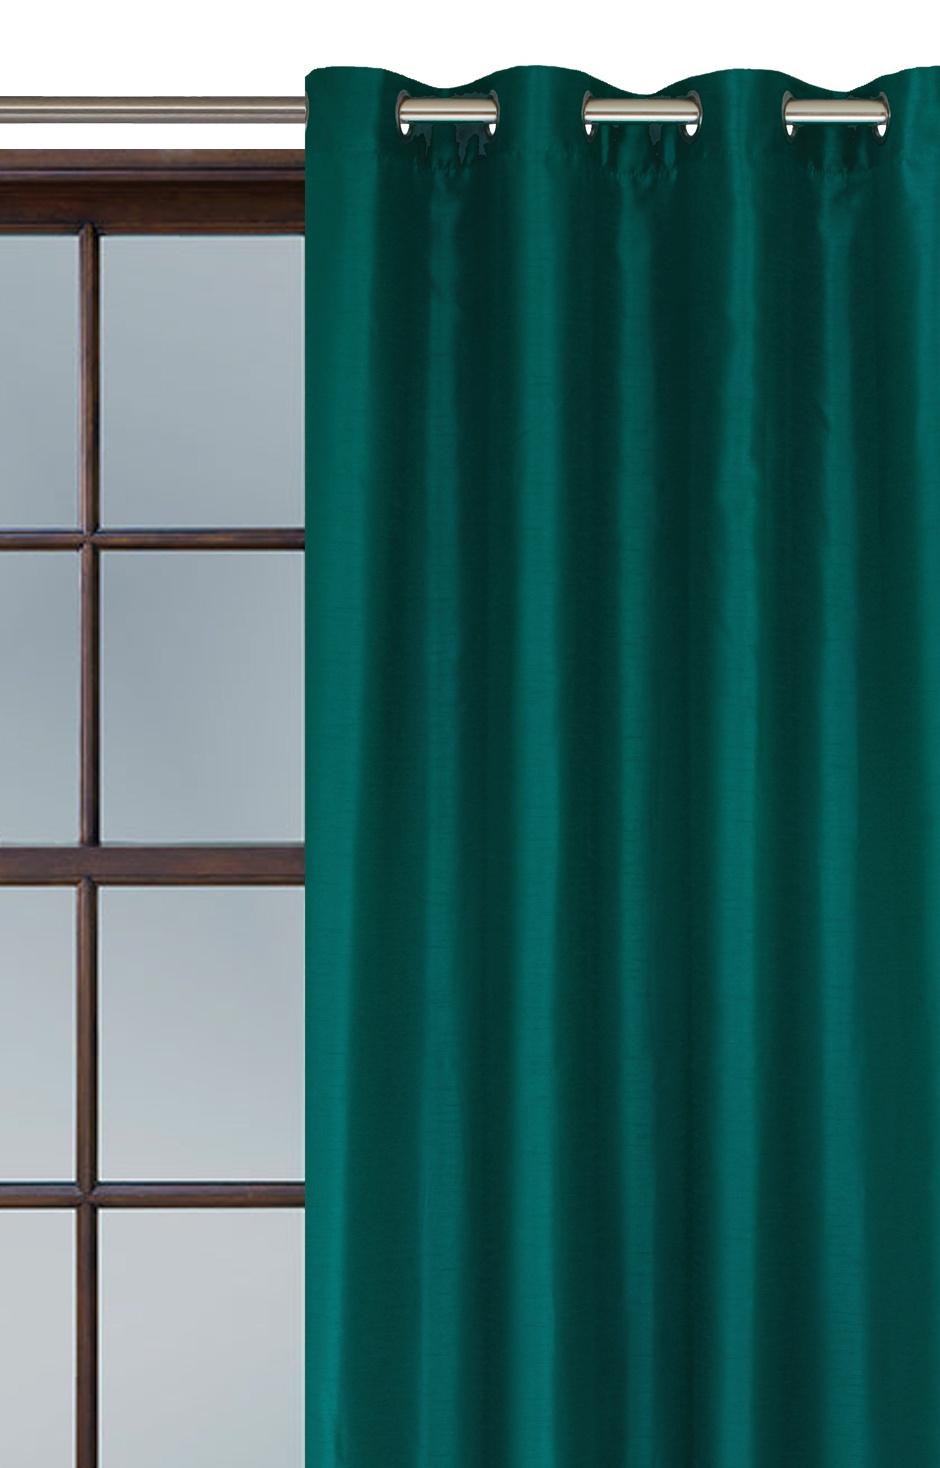 BALLERINA Sarcelle / Teal